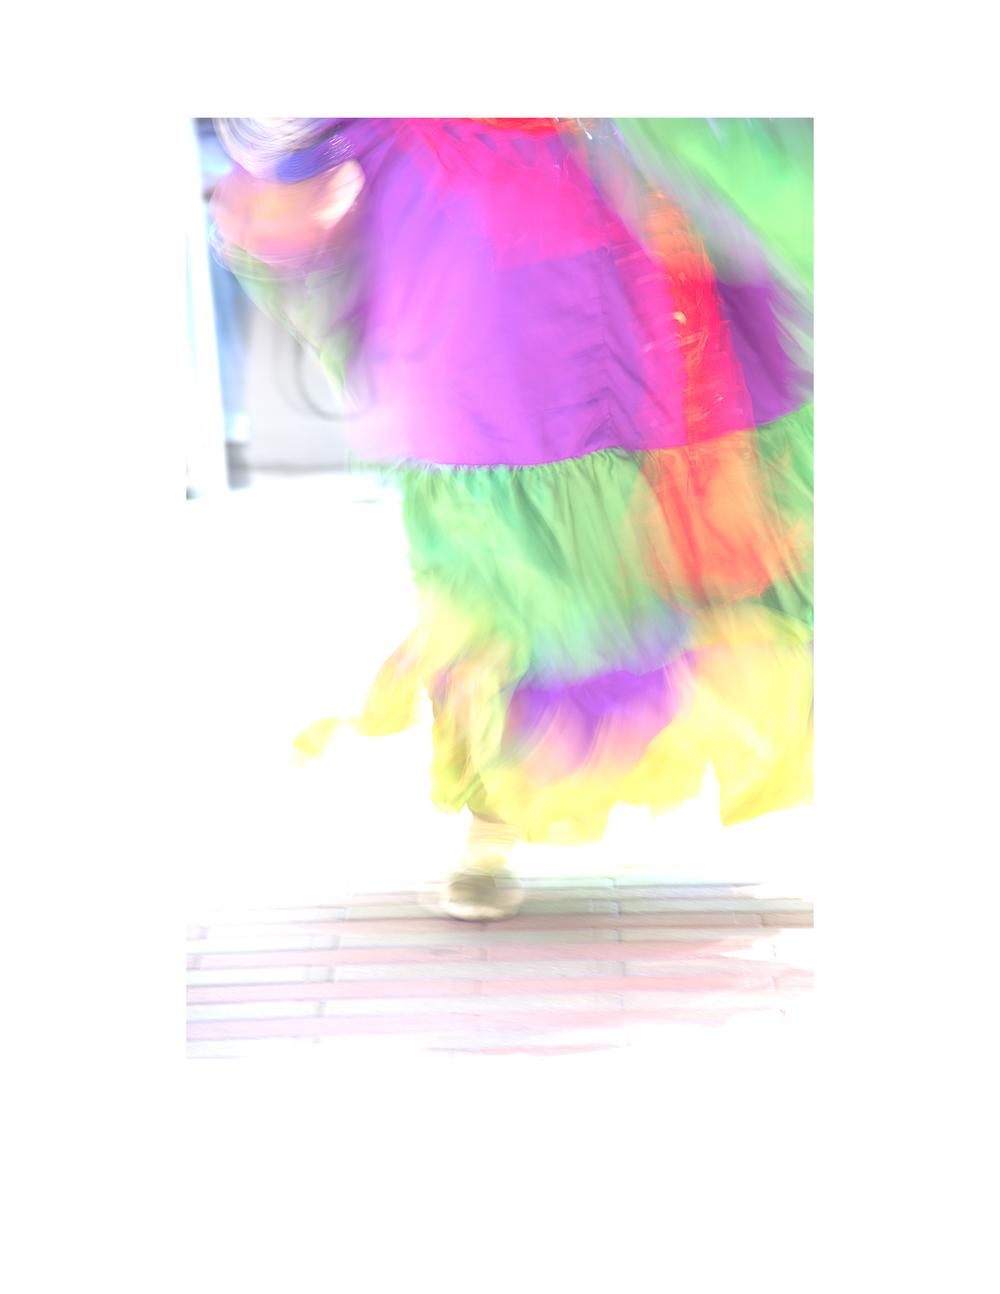 blurred1-2.jpg